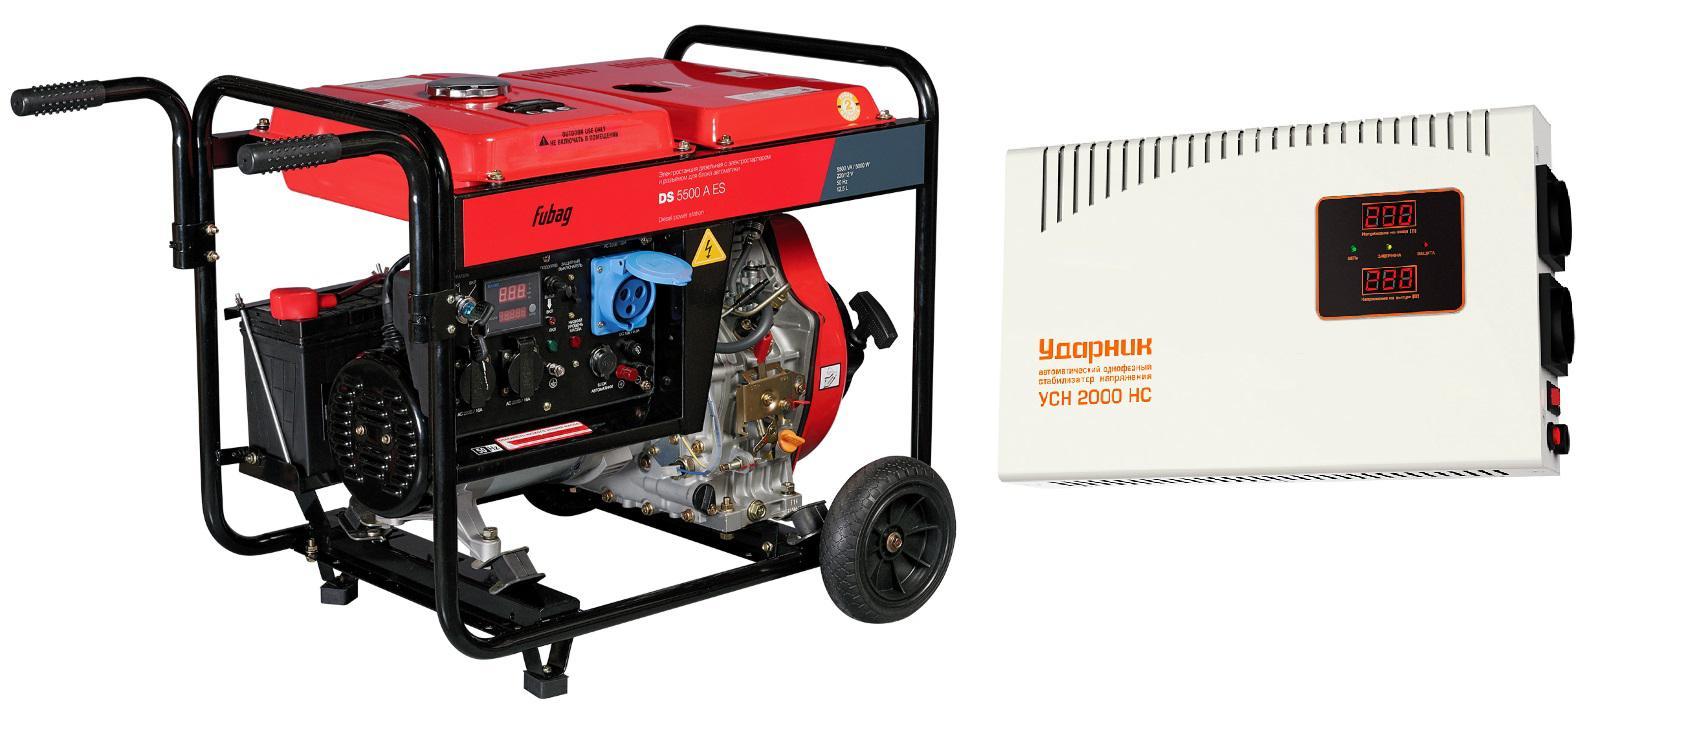 Набор Fubag Бензиновый генератор ds 5500 a es +Стабилизатор напряжения УСН 2000 НС бензиновый генератор fubag ti 1000